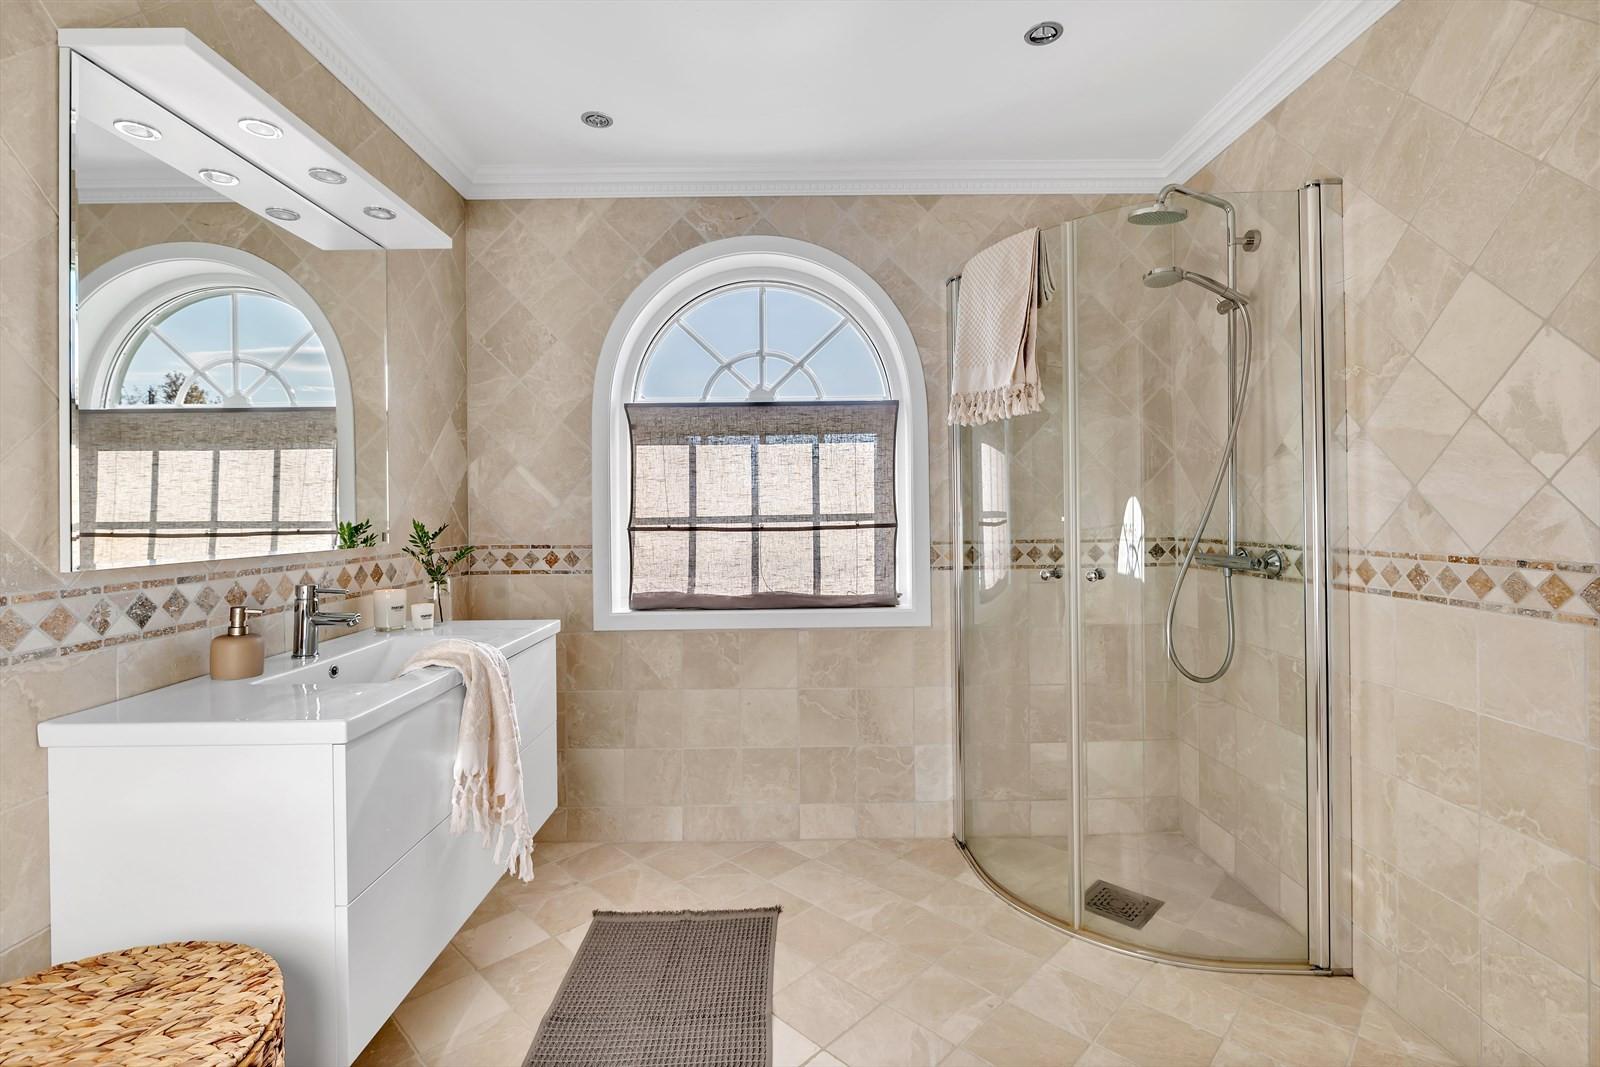 Bad 2 i huset har samme stil som hovedbadet med italienske fliser, vindu med godt lysinnslipp og belysning av downlights